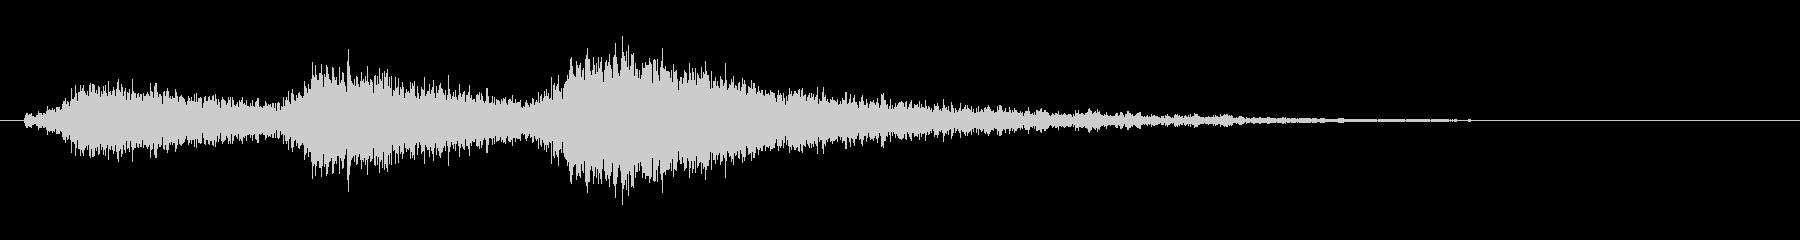 [生録音]電動モーターが短く回る(3回)の未再生の波形